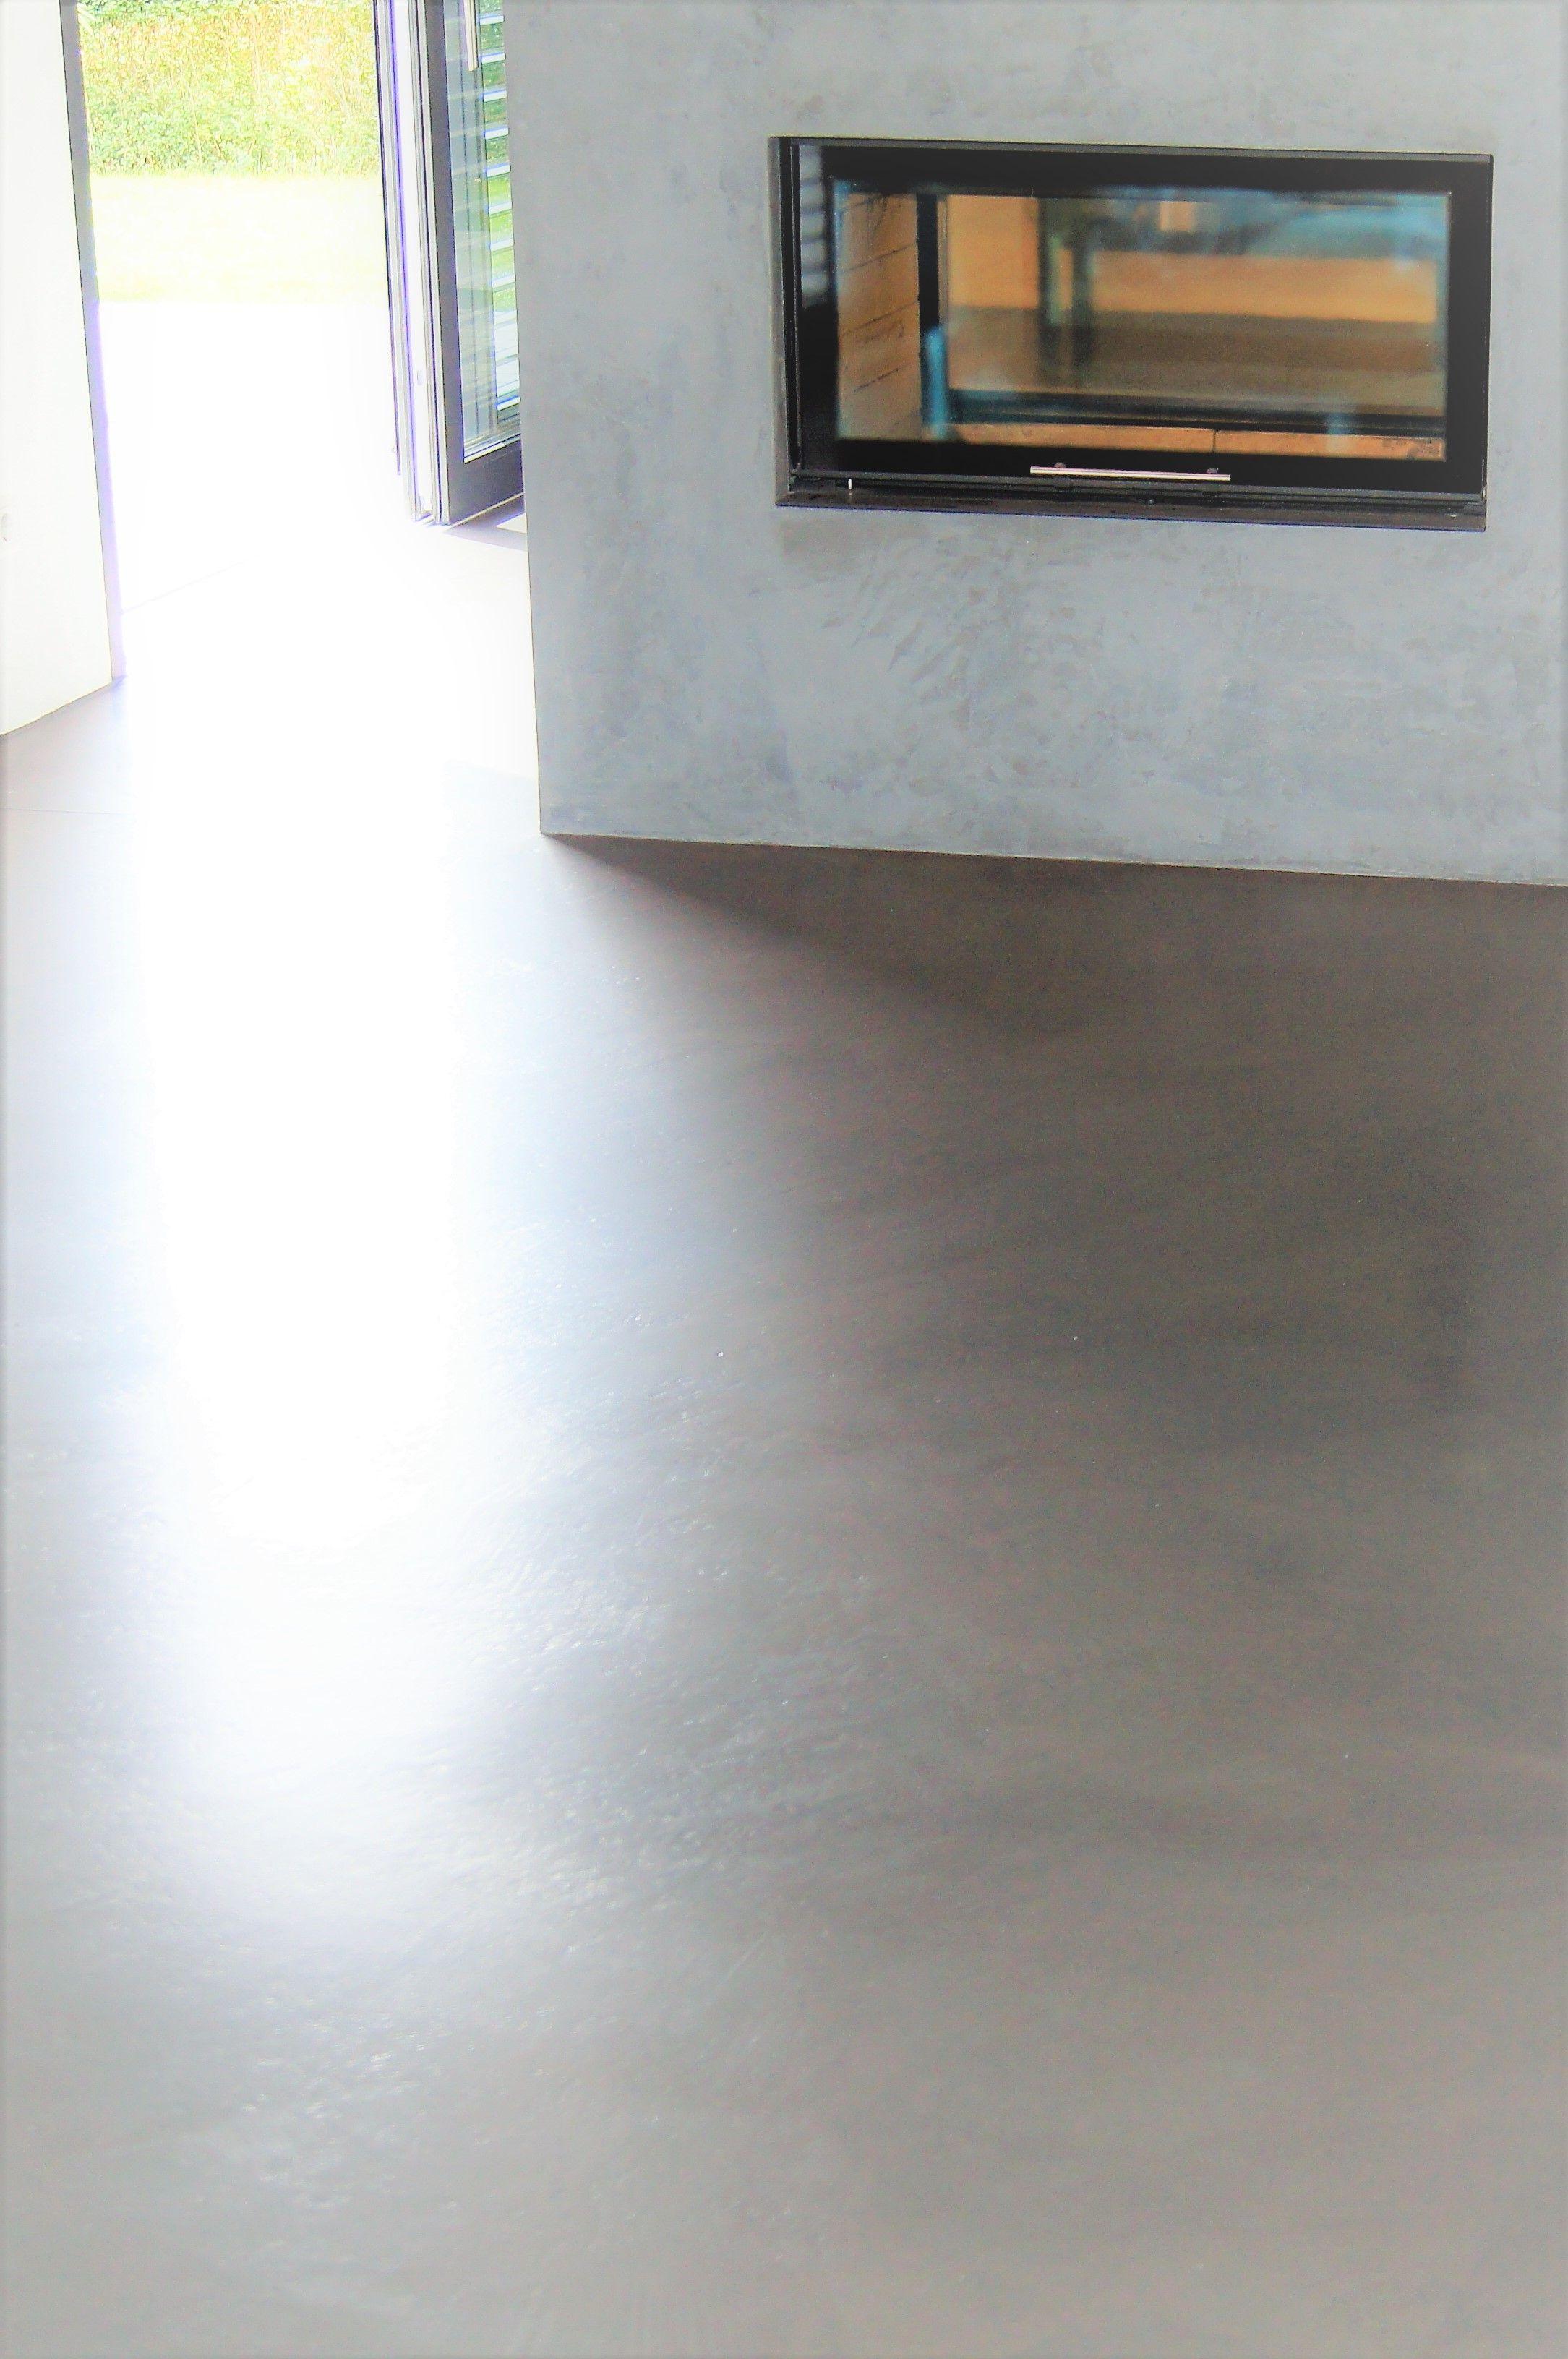 Fliesen Ohne Fußbodenheizung Wohnzimmer – Careergreenlight